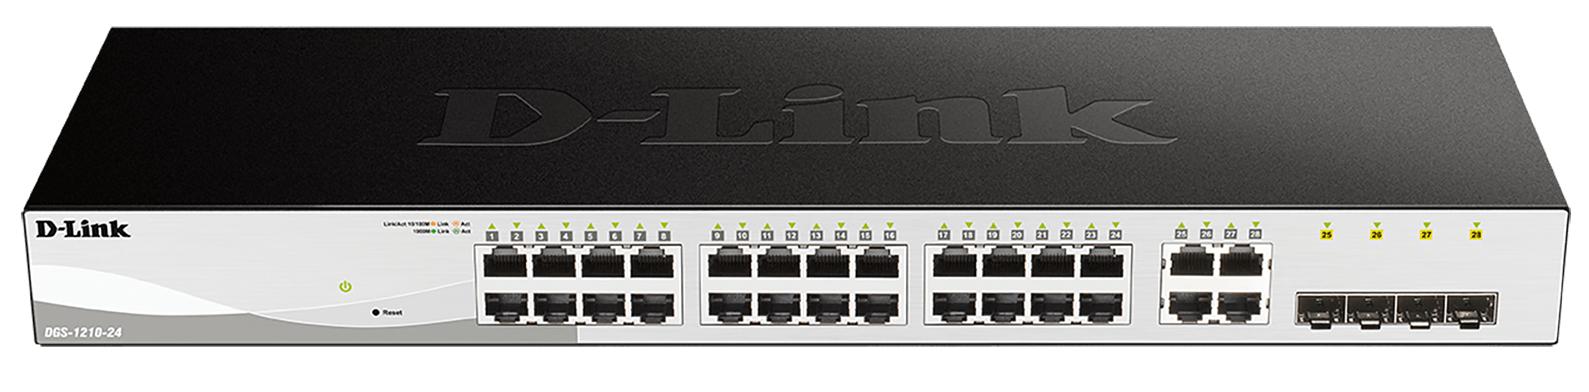 D-Link DGS-1210-24 switch Gestionado L2 Gigabit Ethernet (10/100/1000) Negro 1U